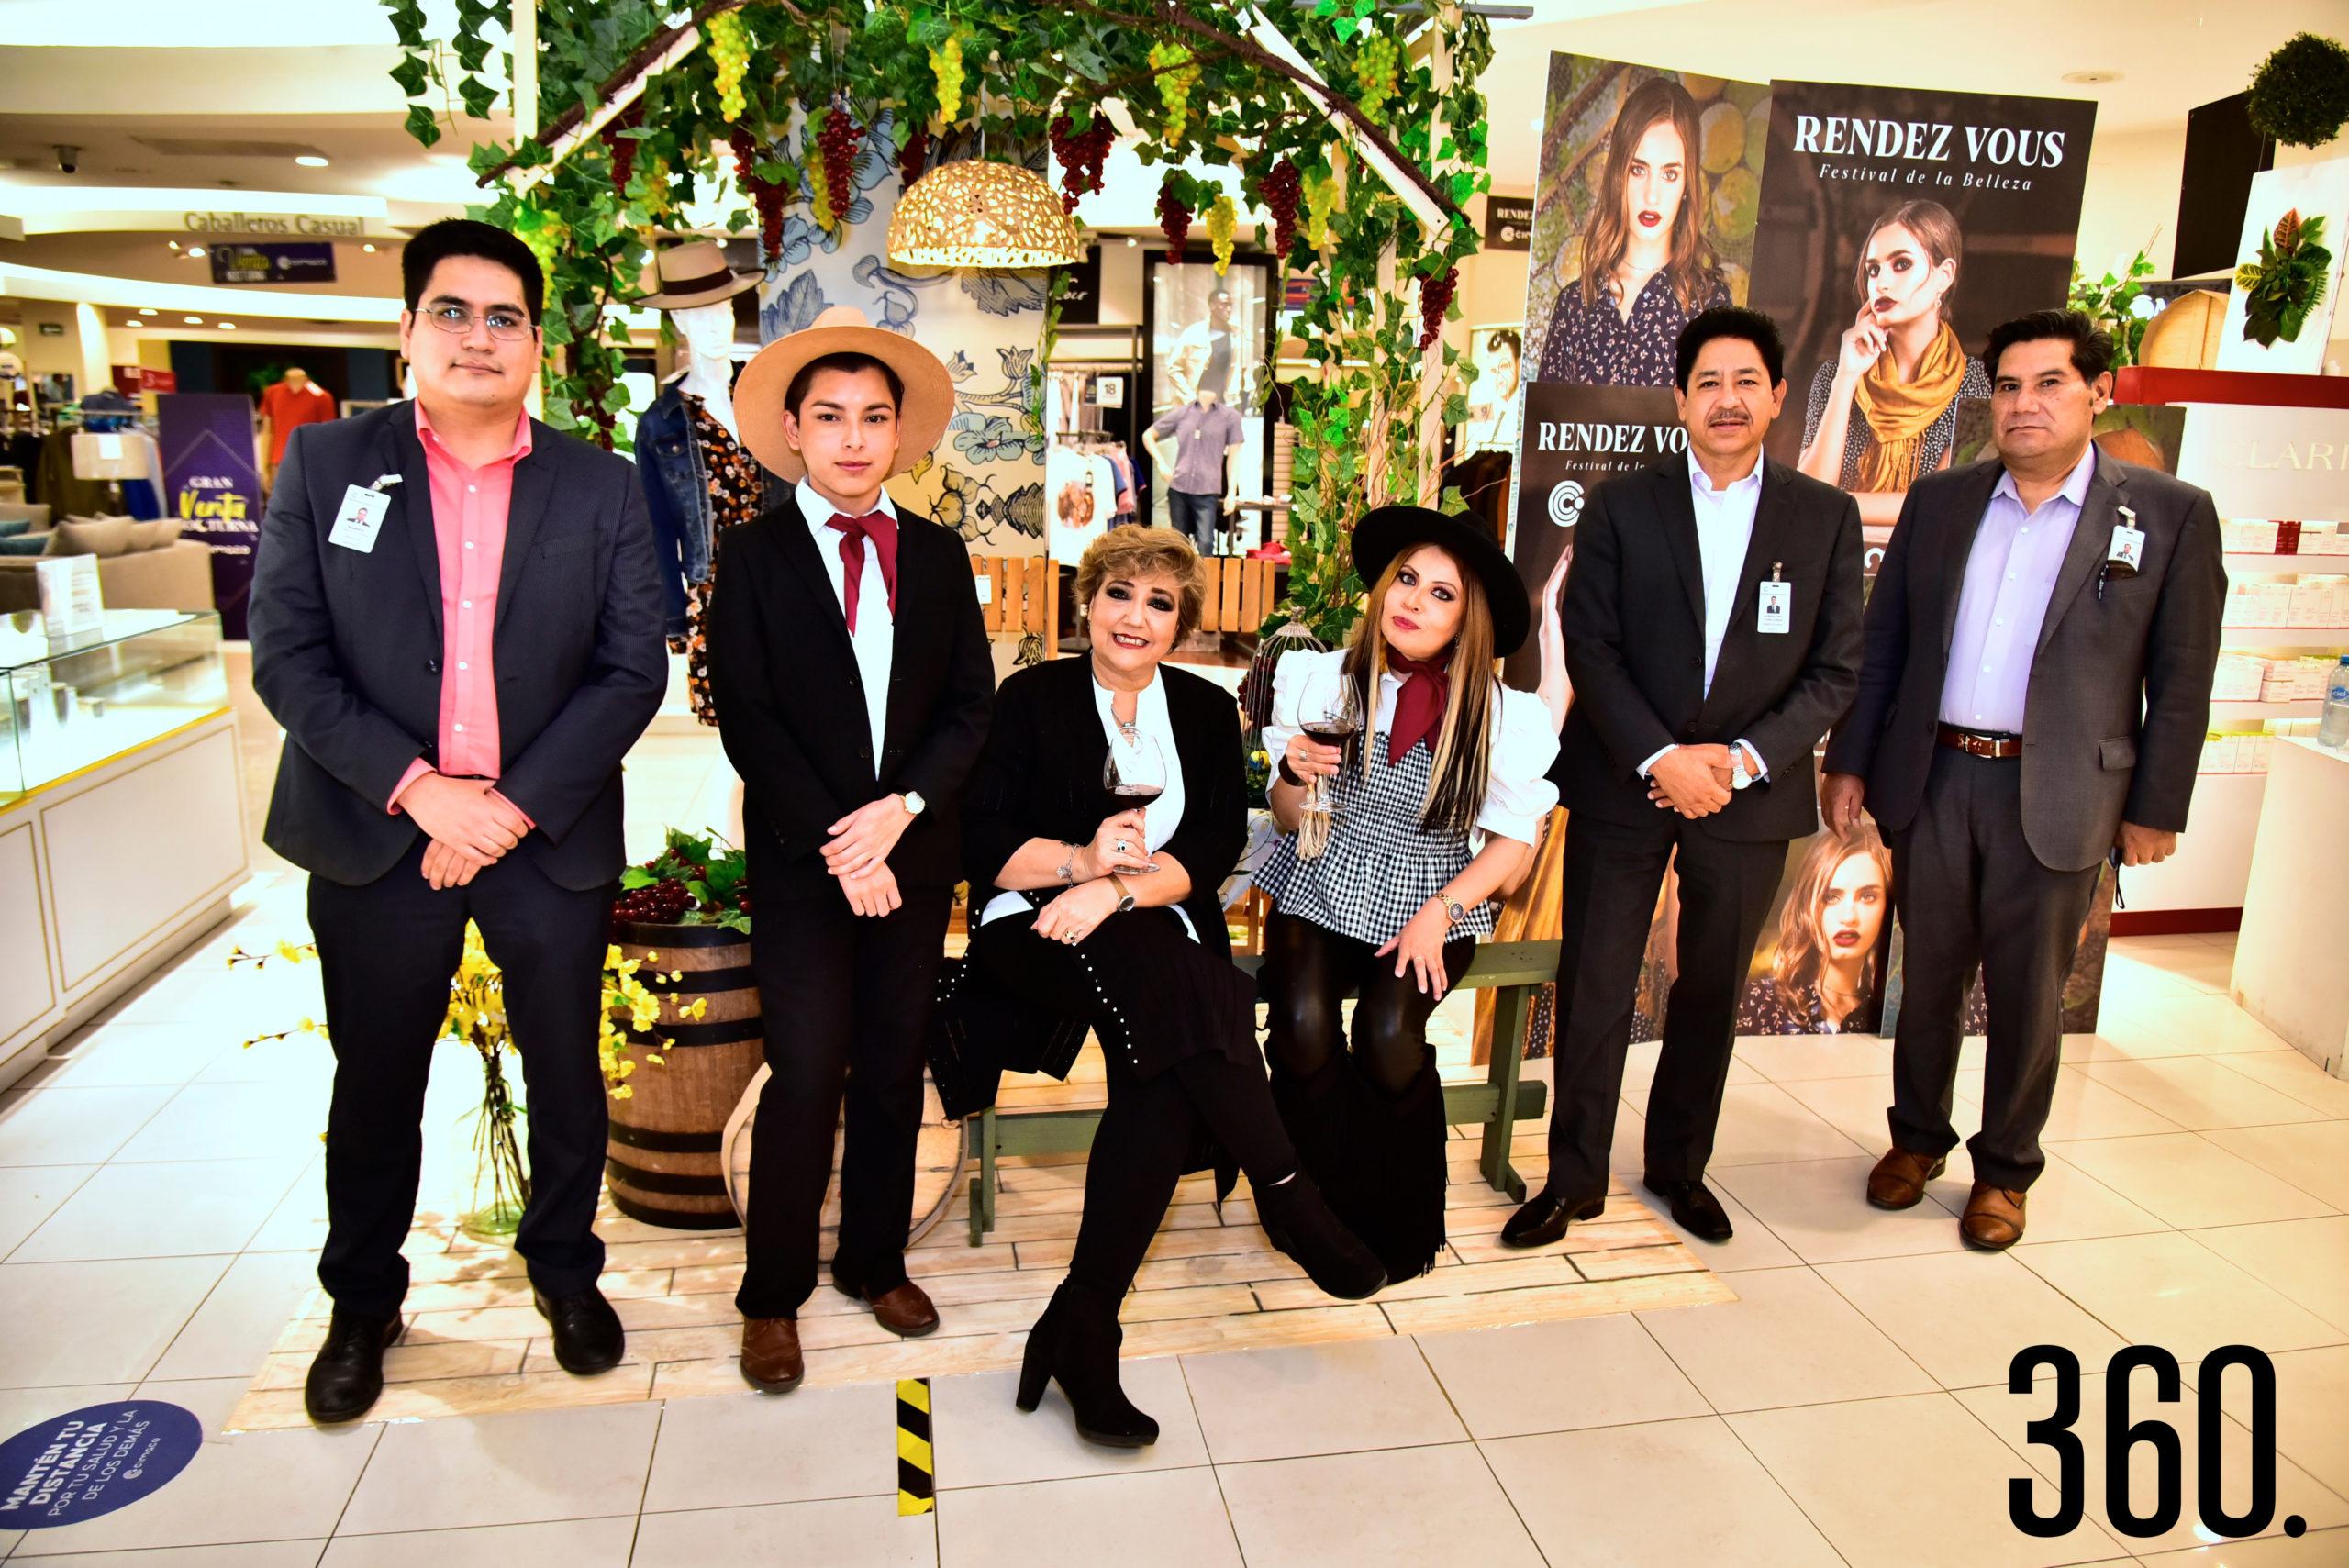 Roberto Loyola, Emanuel Delgado, Cuquis Ballesteros, Hilda Rodríguez, Antonio Flores y Martín Reyna.